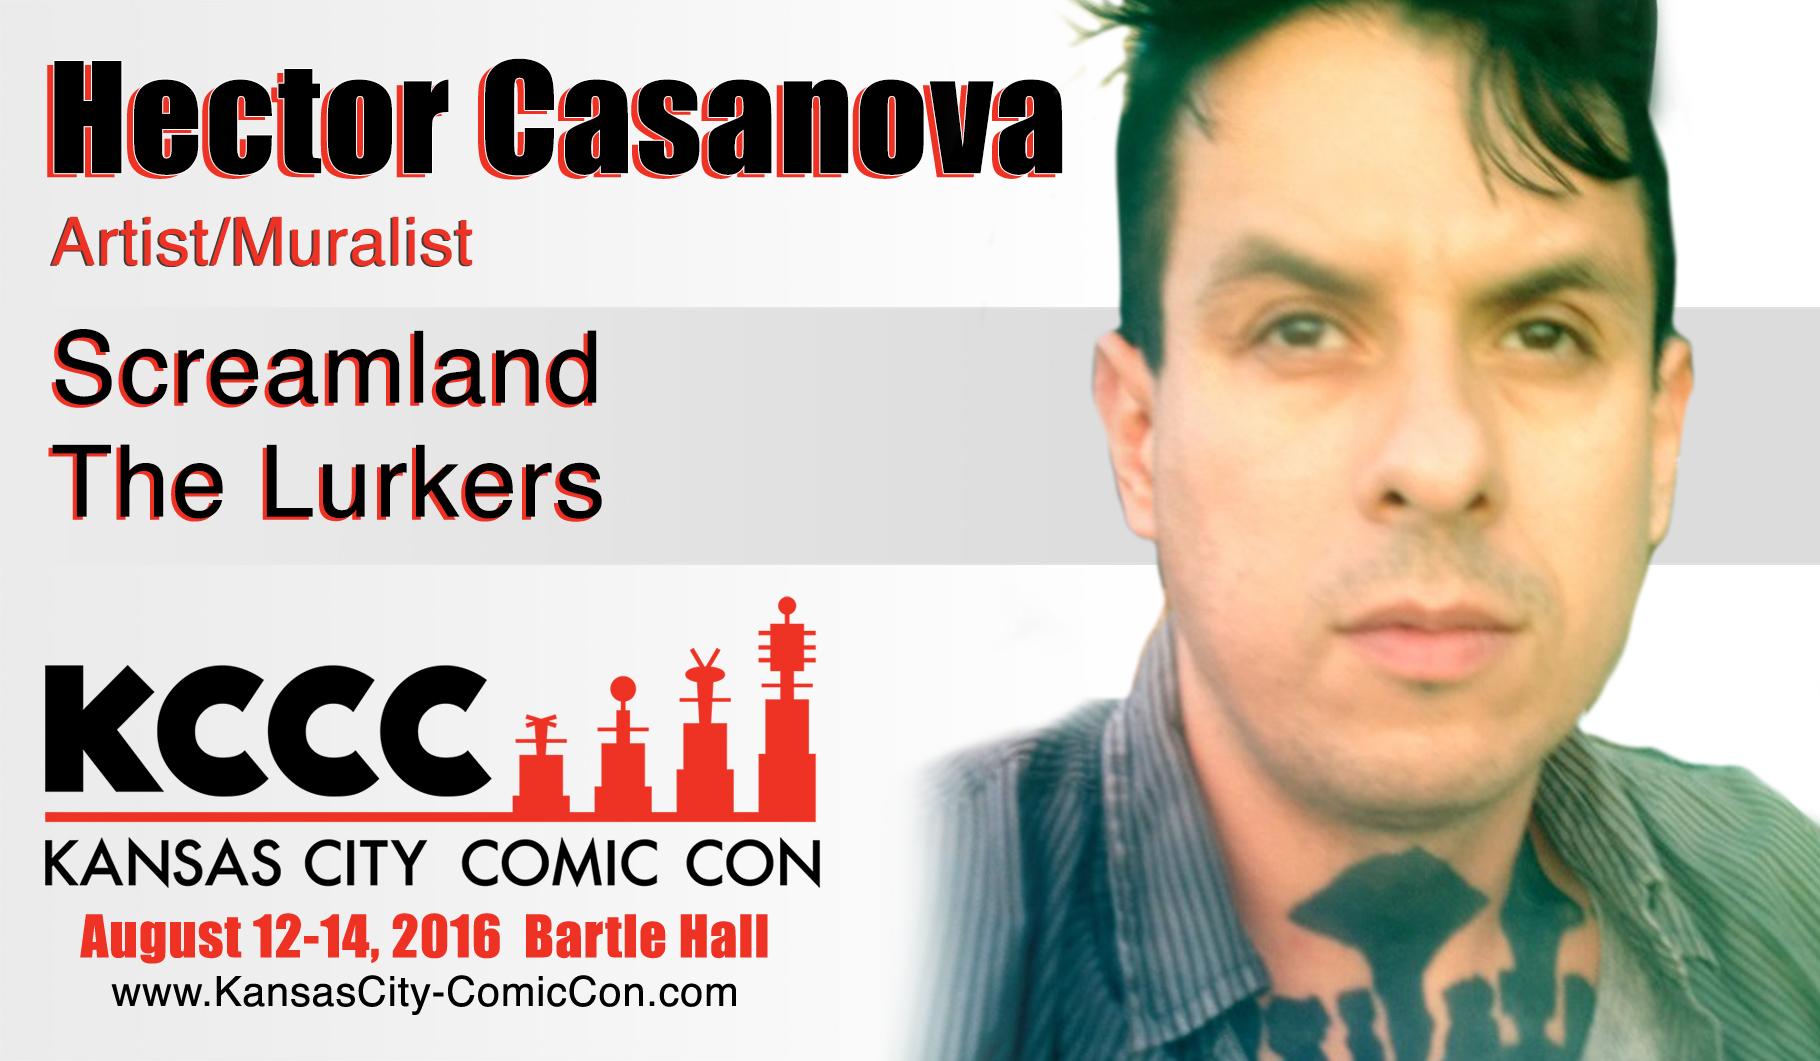 KCCC_Hector-Casanova.jpg